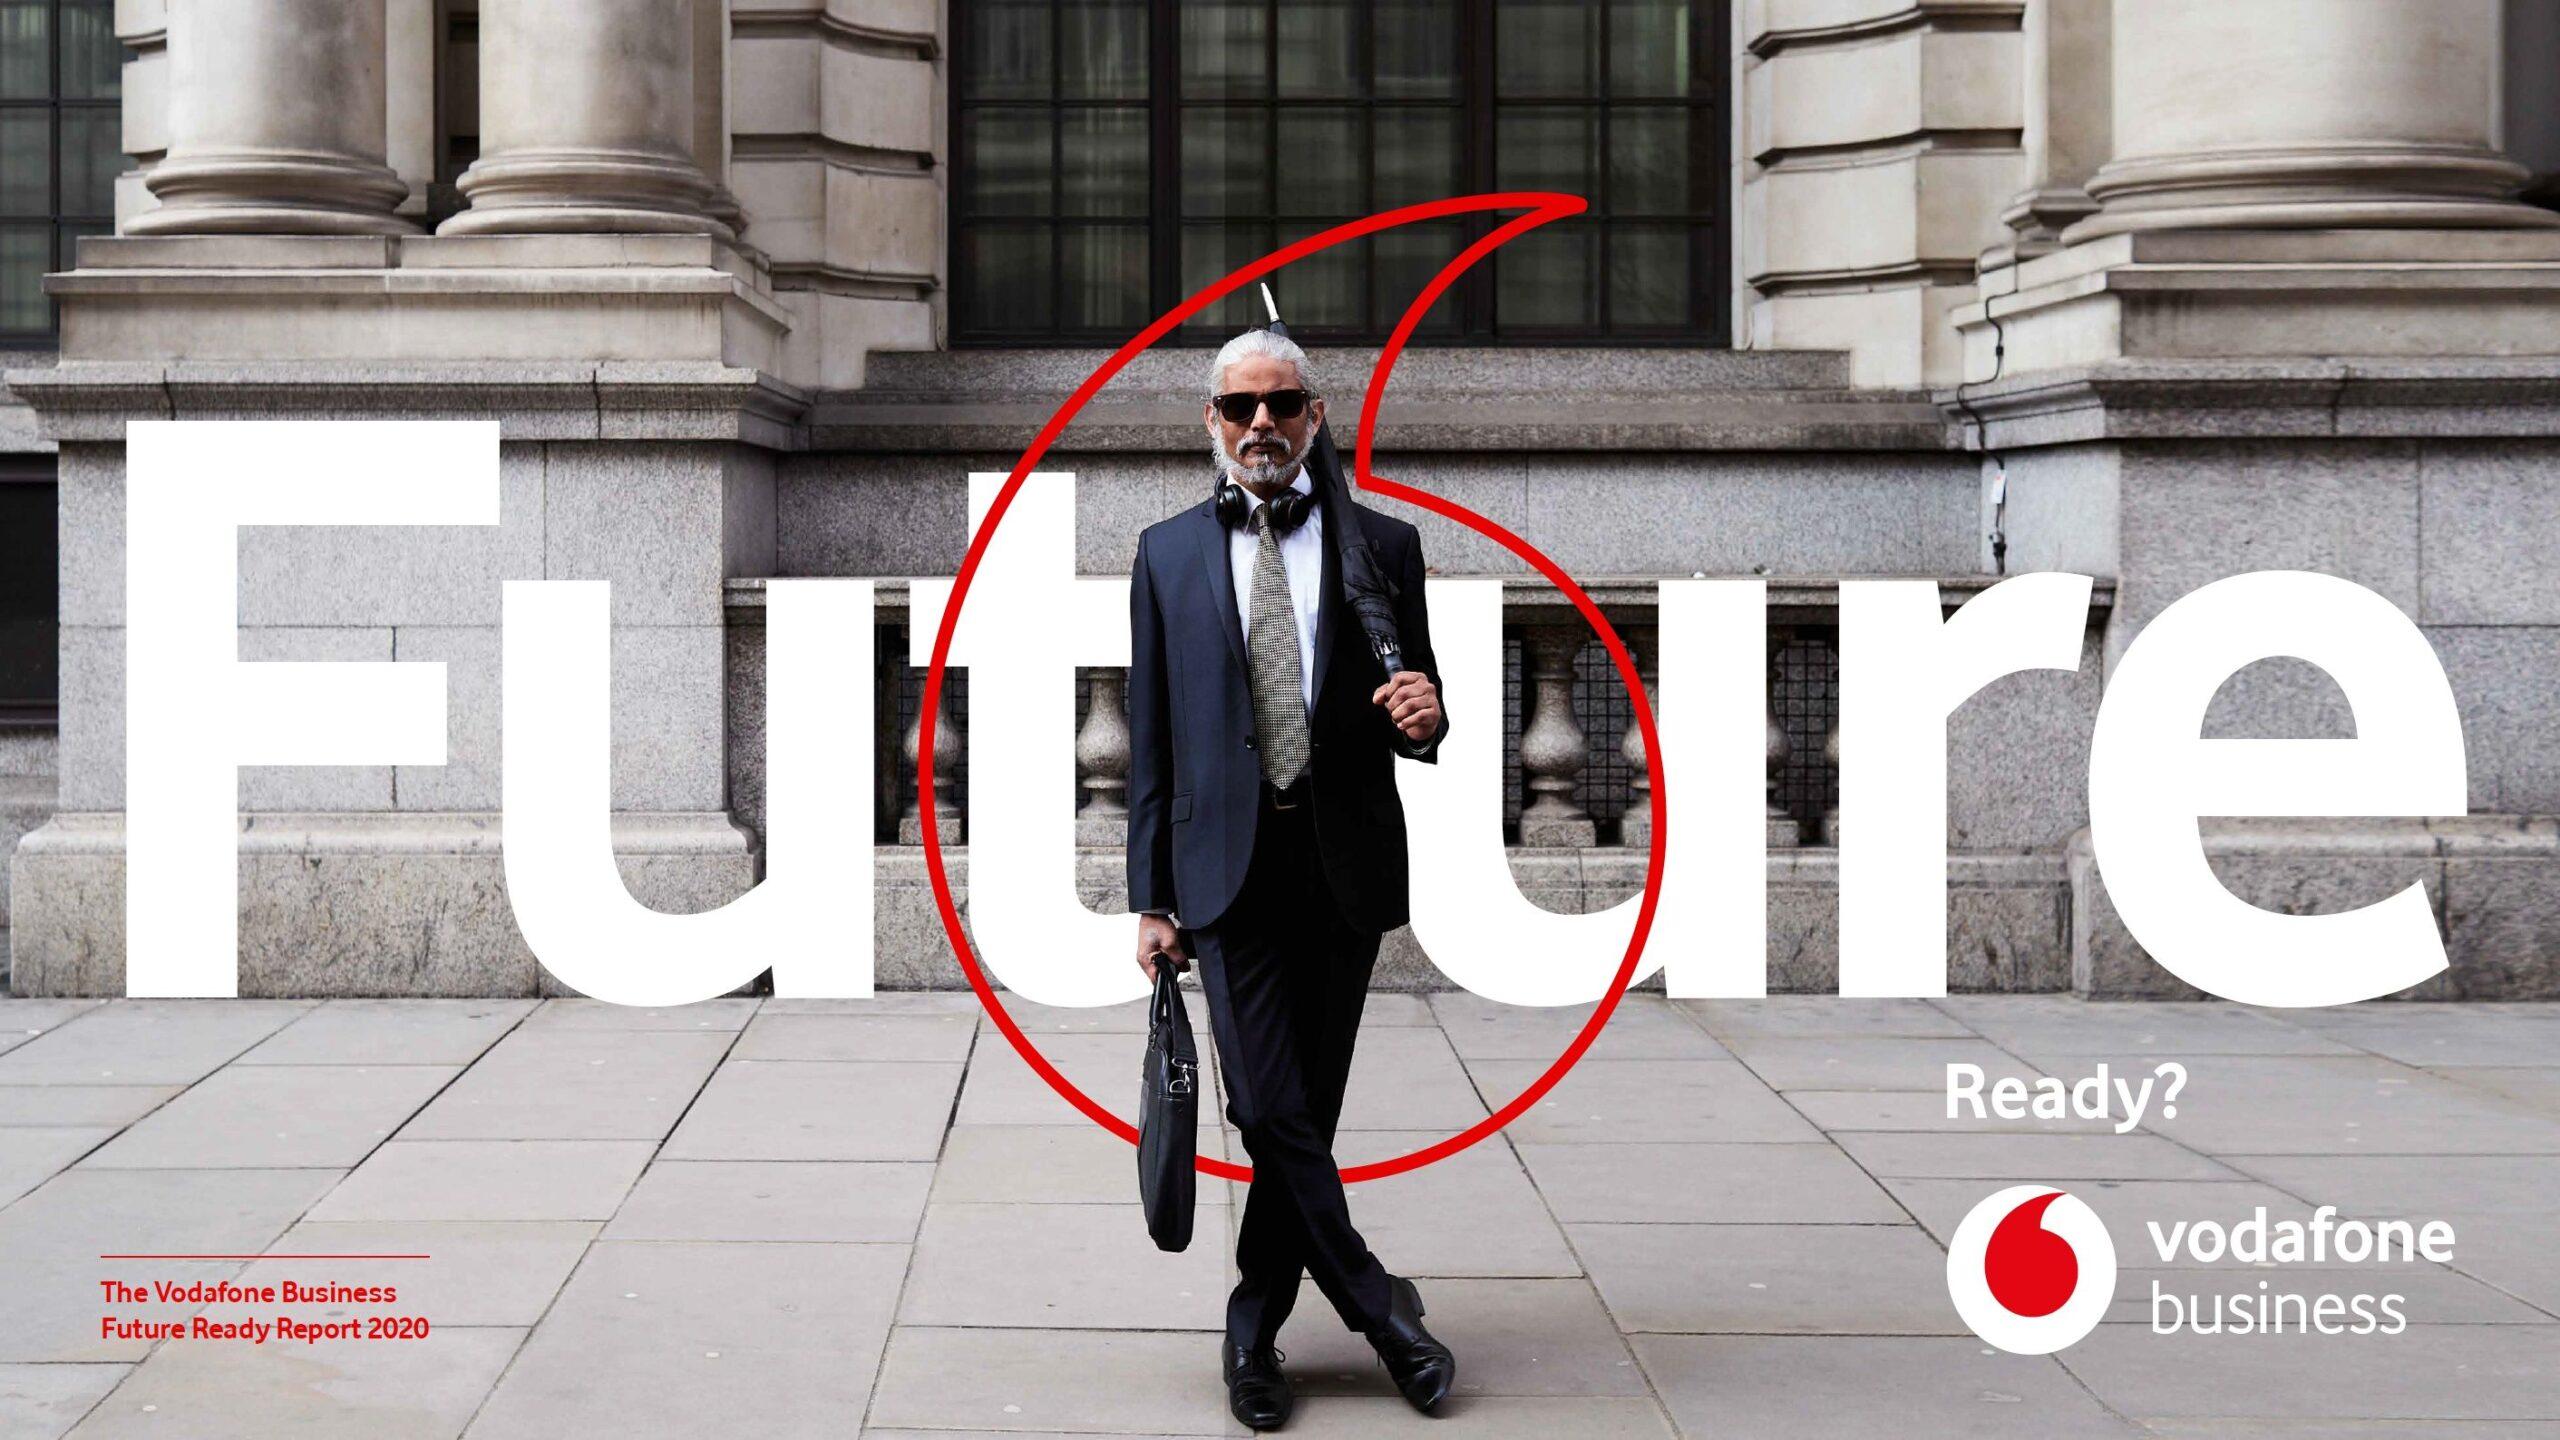 Vodafone Future Ready Report 2020